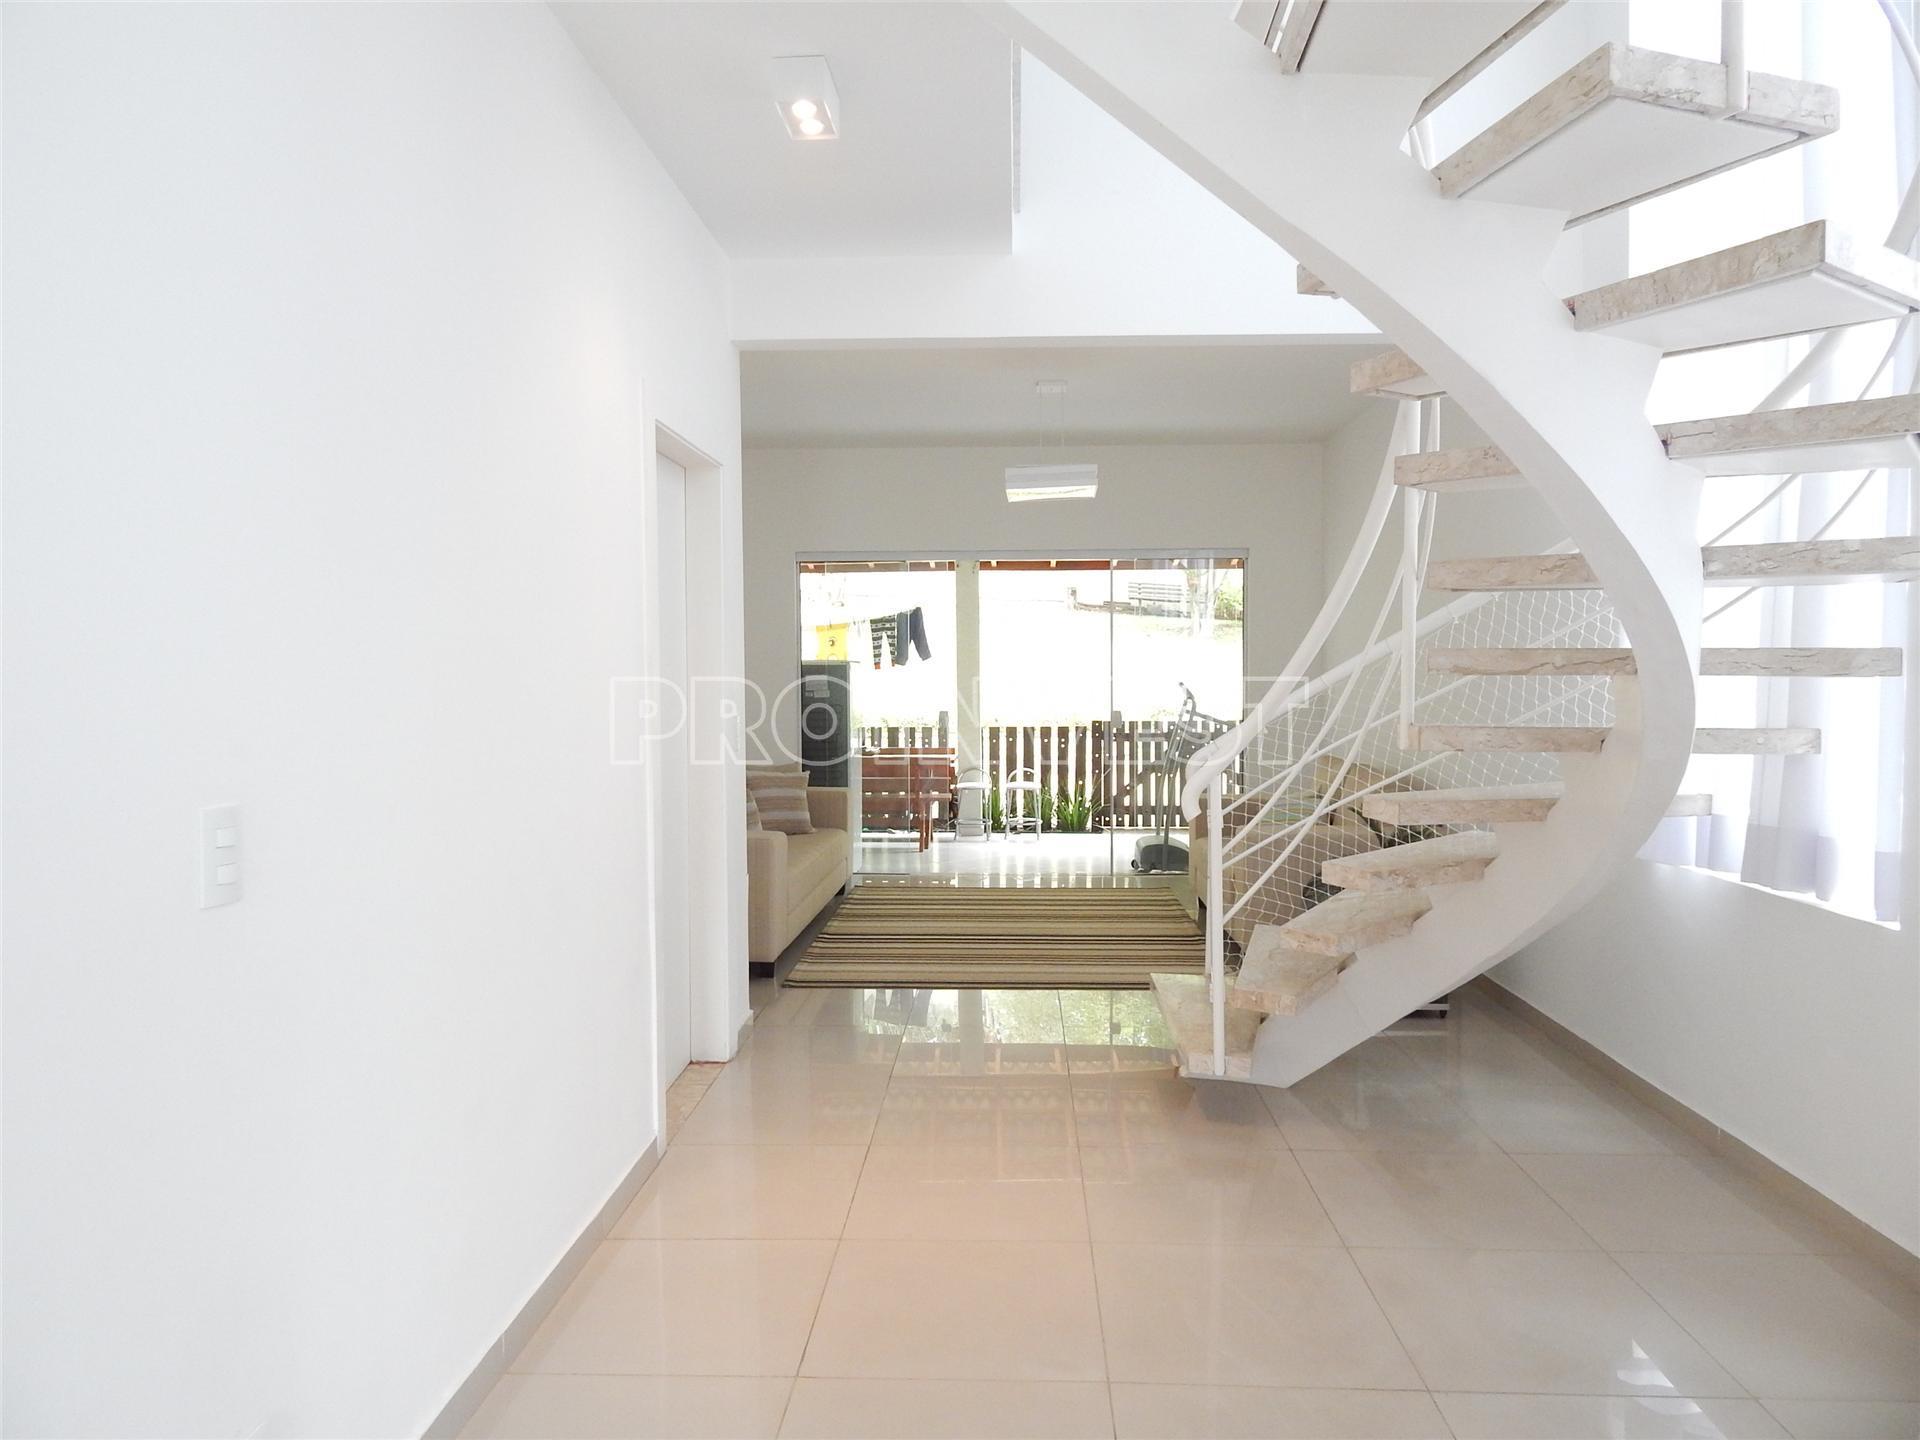 Casa de 3 dormitórios à venda em Villa De La Rocca, Carapicuíba - SP